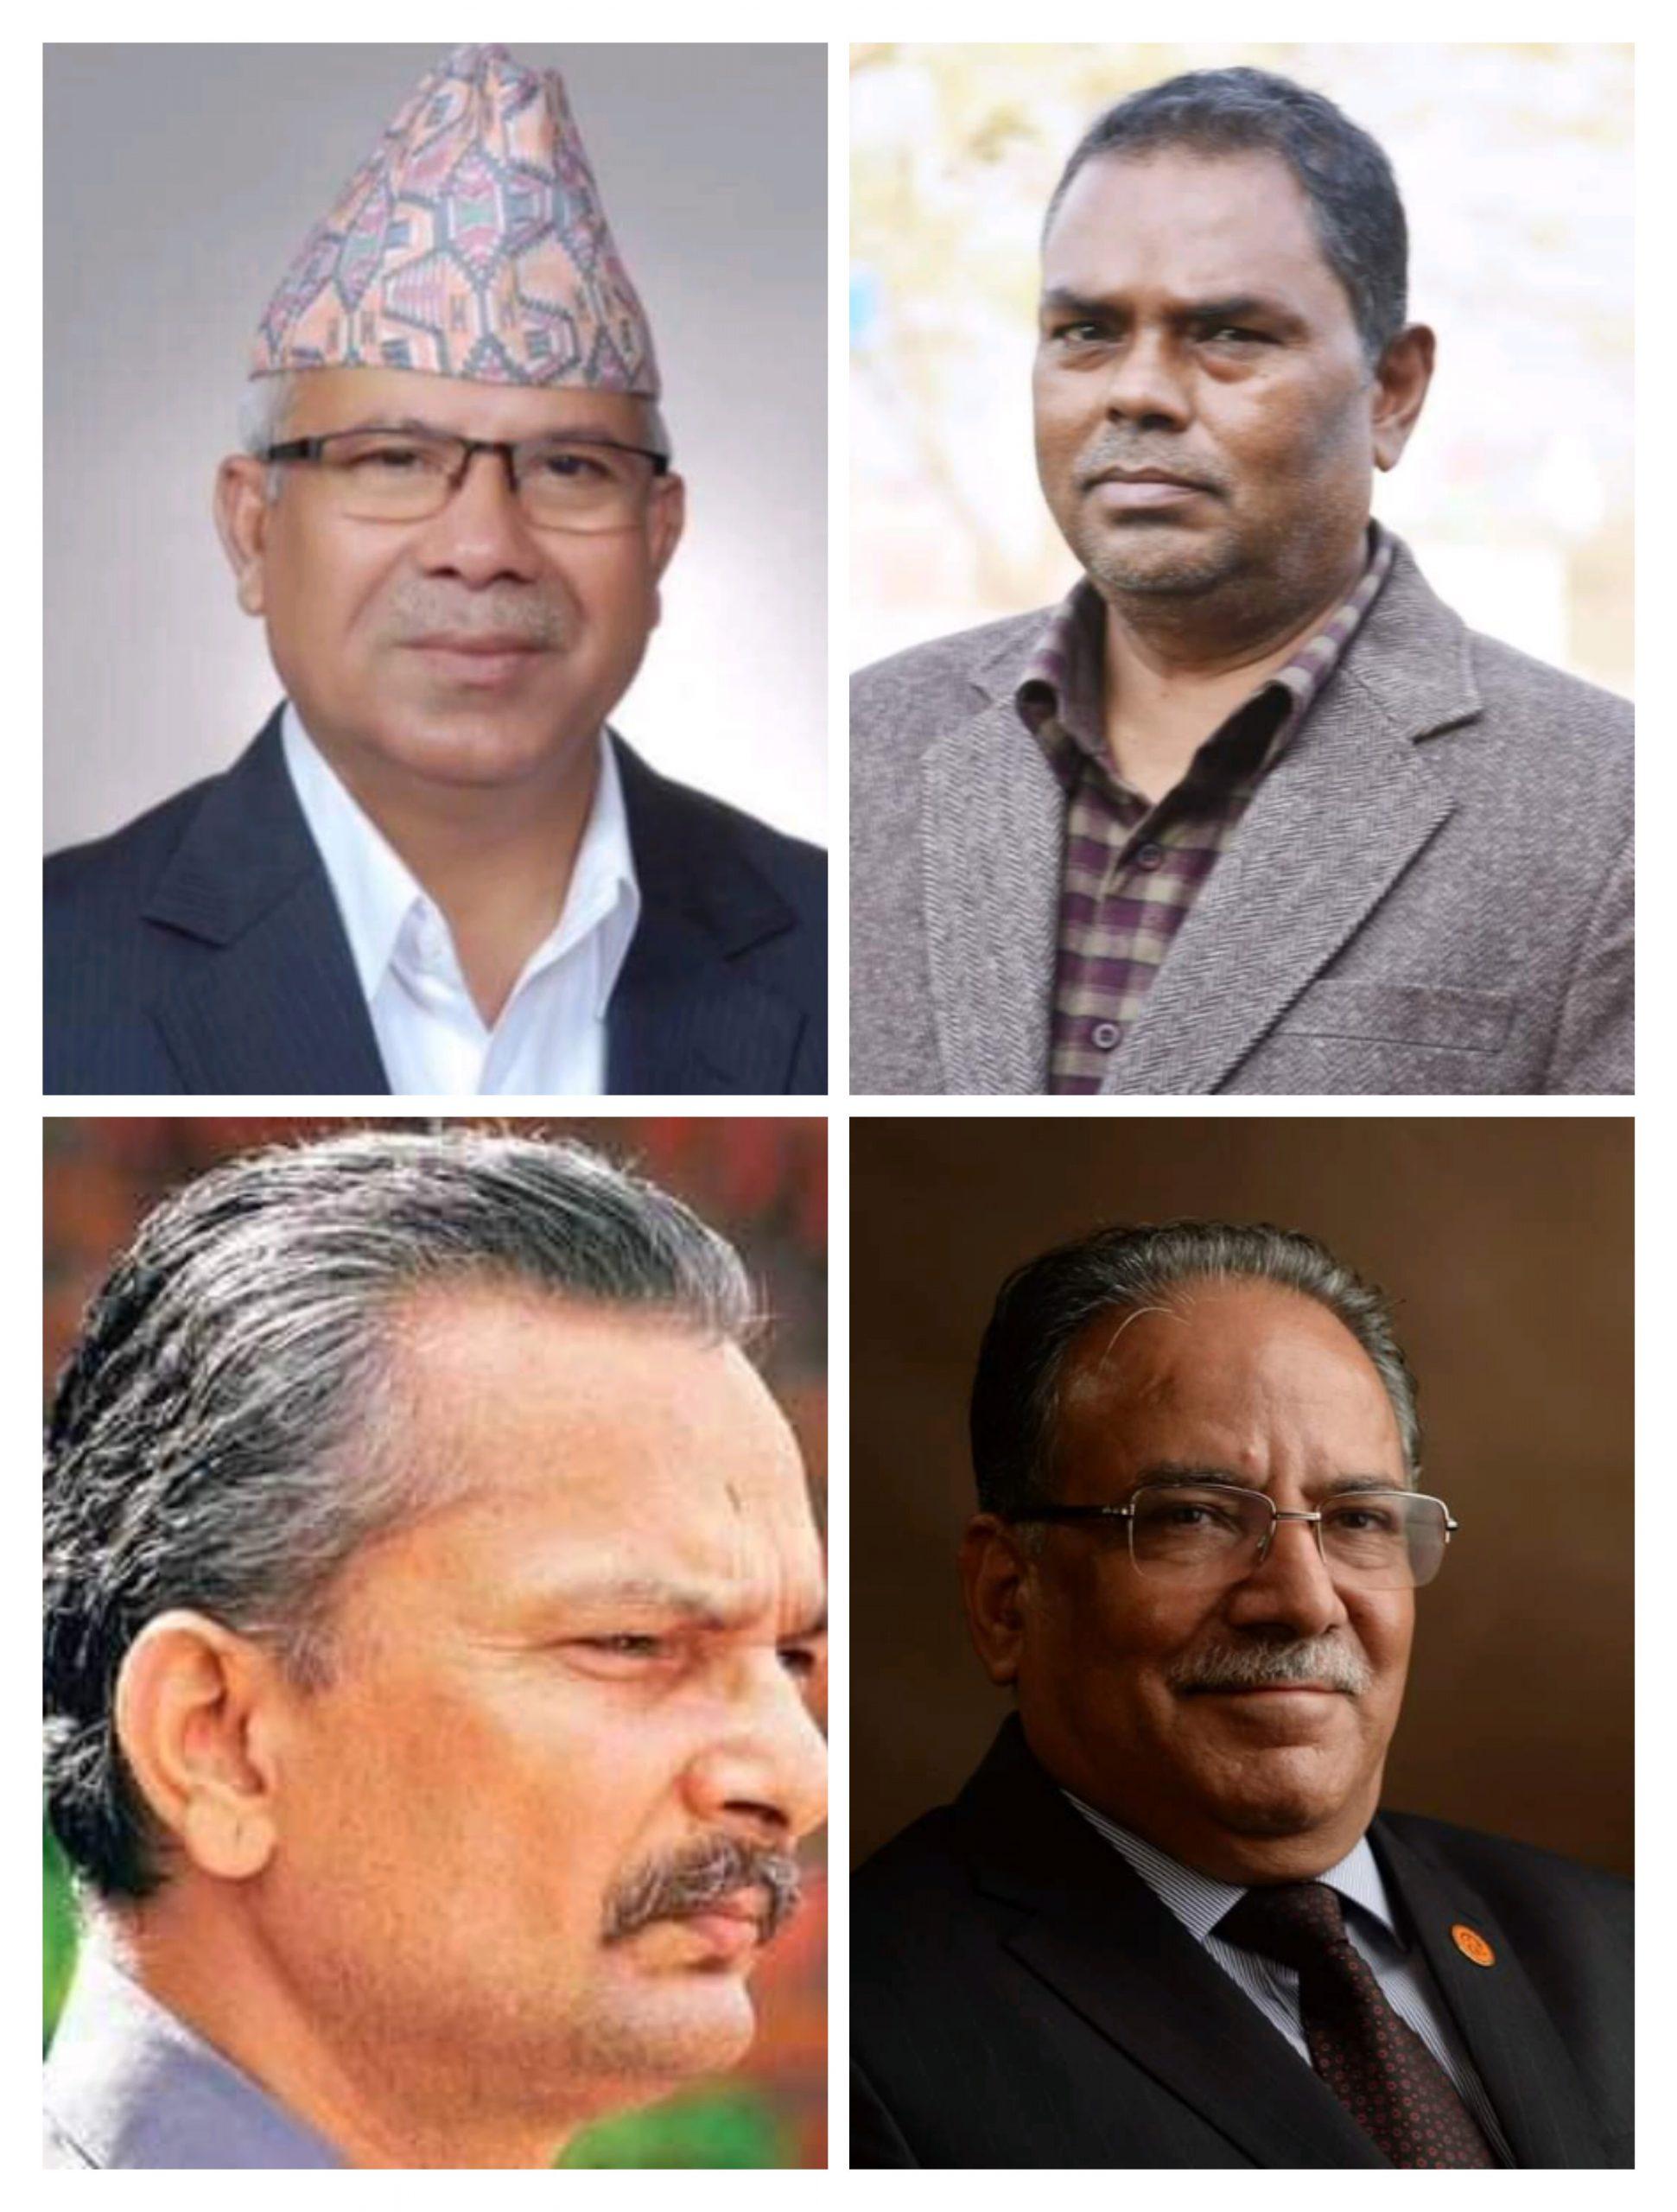 समाजवादी केन्द्र निर्माणको पहल : माधब नेपाल लाई अध्यक्ष बनाउने तयारी